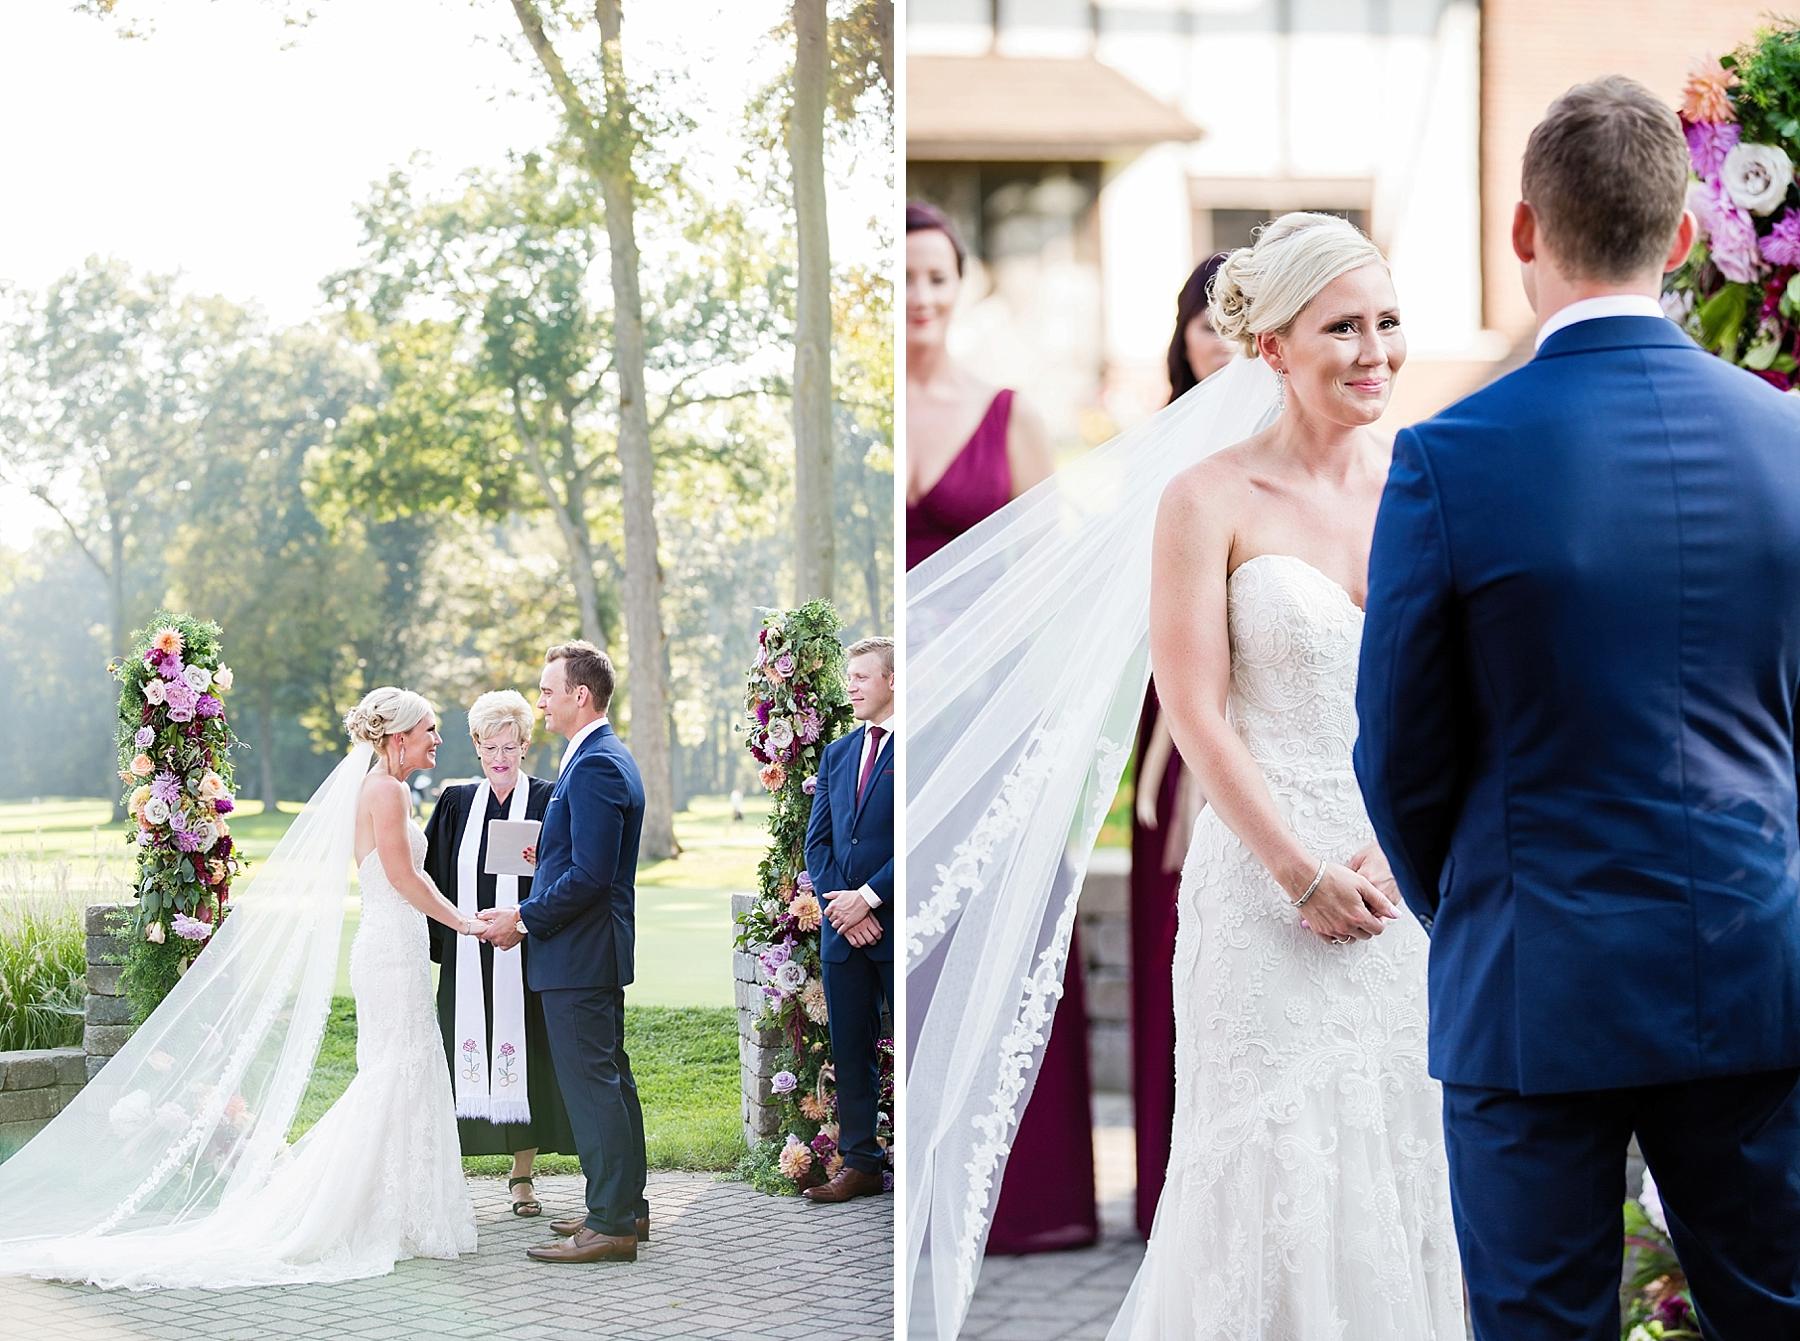 windsor-wedding-photographer-essex-golf-country-club-wedding-eryn-shea-photography_0029.jpg